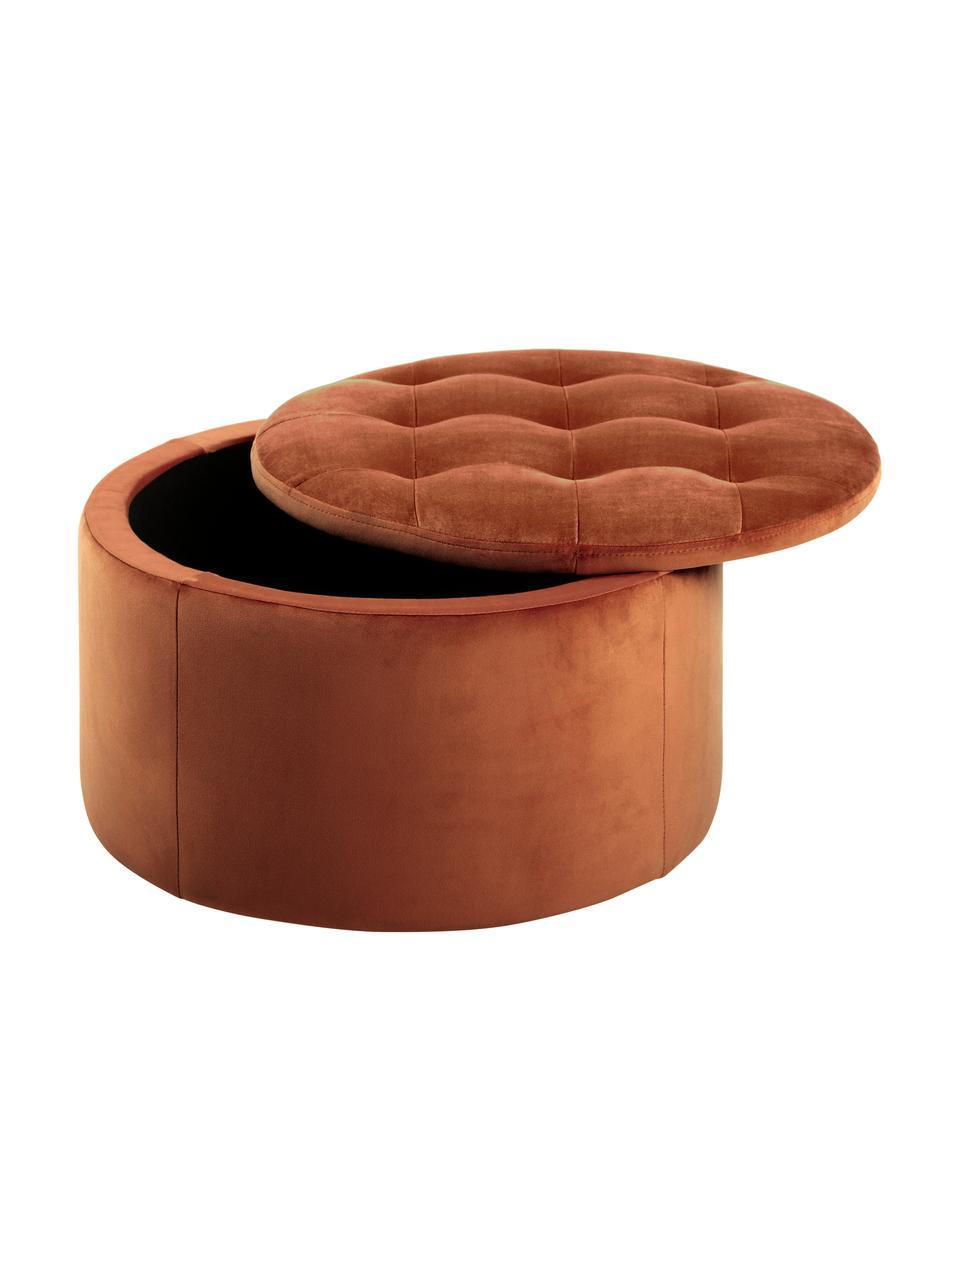 Pouf contenitore in velluto color terracotta Retina, Rivestimento: velluto di poliestere 25., Struttura: materiale sintetico, Rame, Ø 60 x Alt. 35 cm